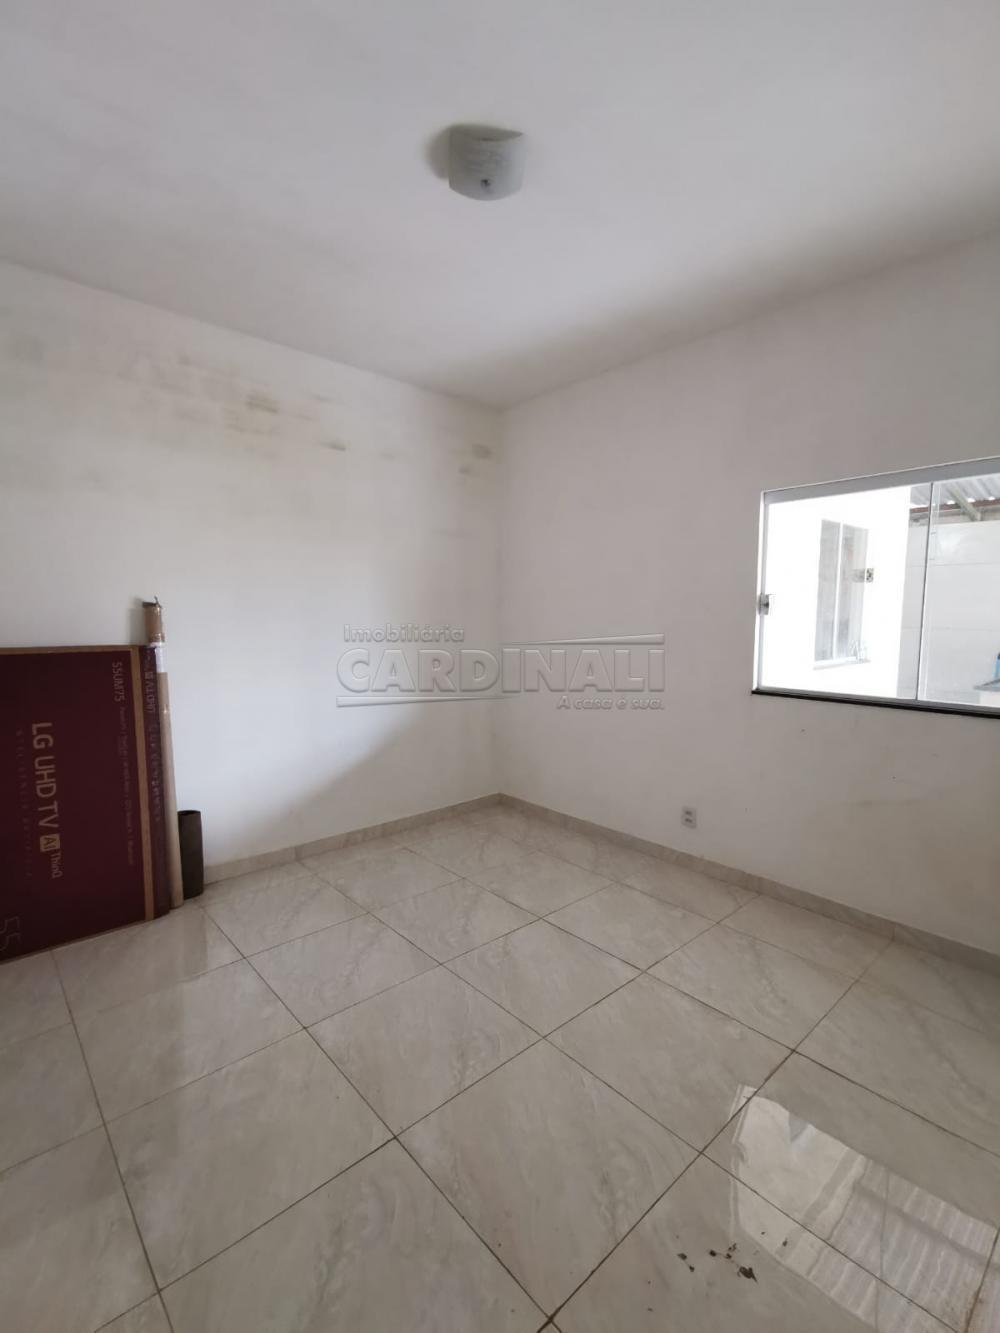 Comprar Casa / Padrão em Araraquara R$ 300.000,00 - Foto 16